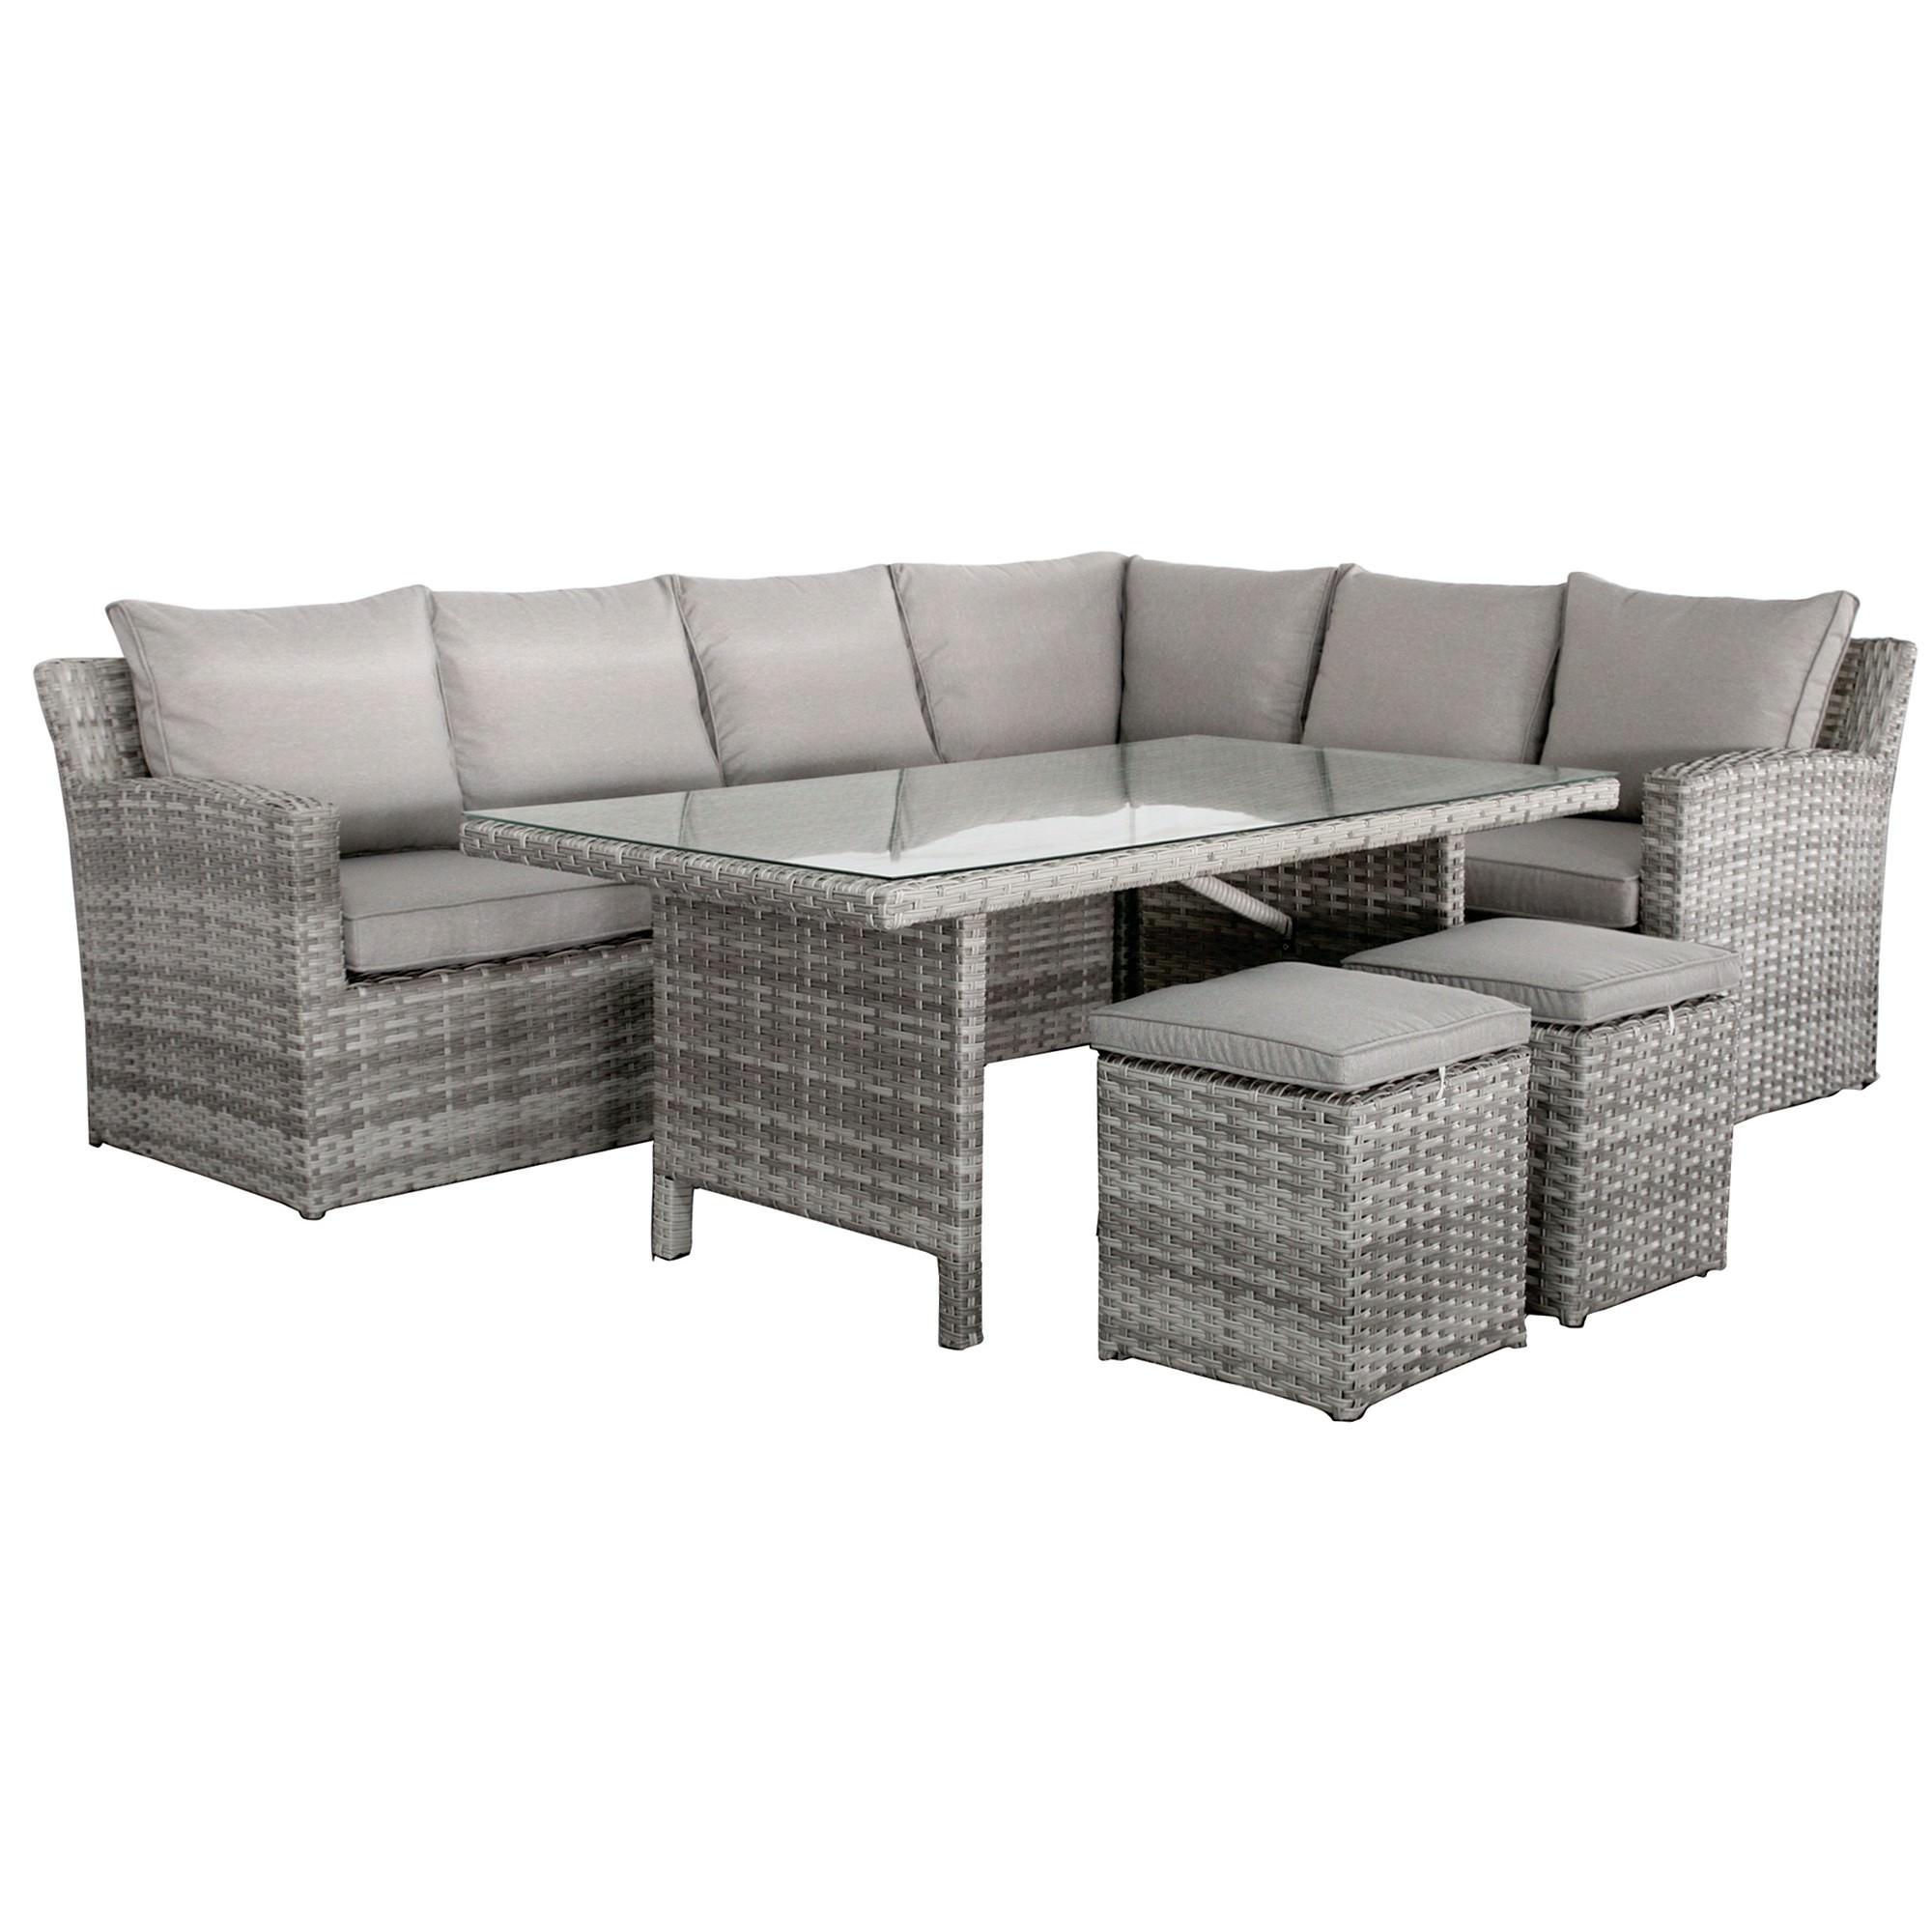 Maira 4 Piece Outdoor Modular Corner Sofa with Table Set